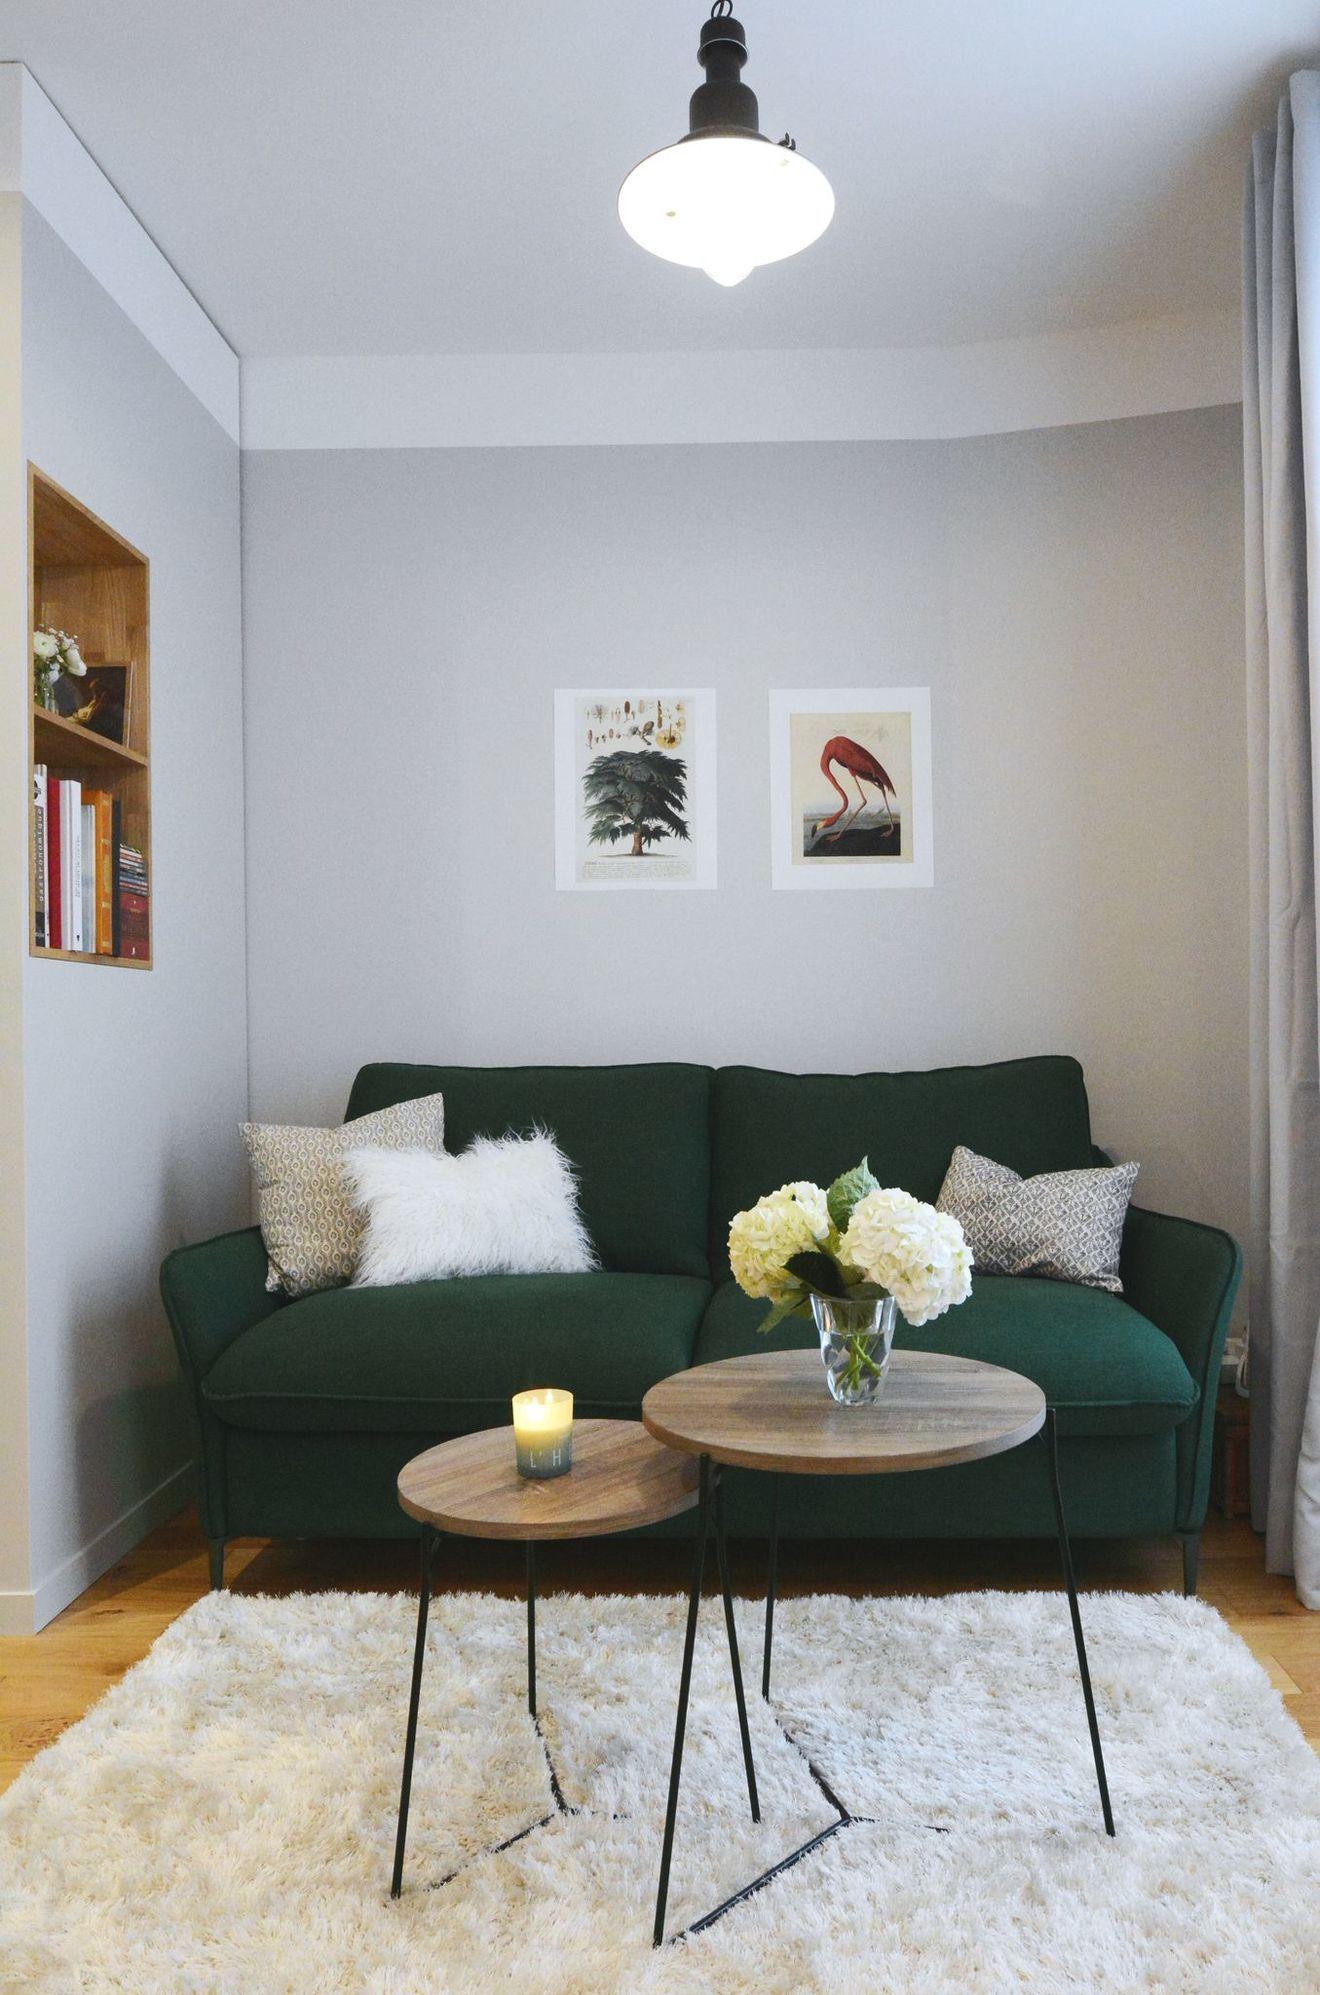 Appartement Paris 9 Renovation Studio De 28 M2 Avec Chambre Decoration Petit Salon Idee Deco Petit Salon Amenagement Salon